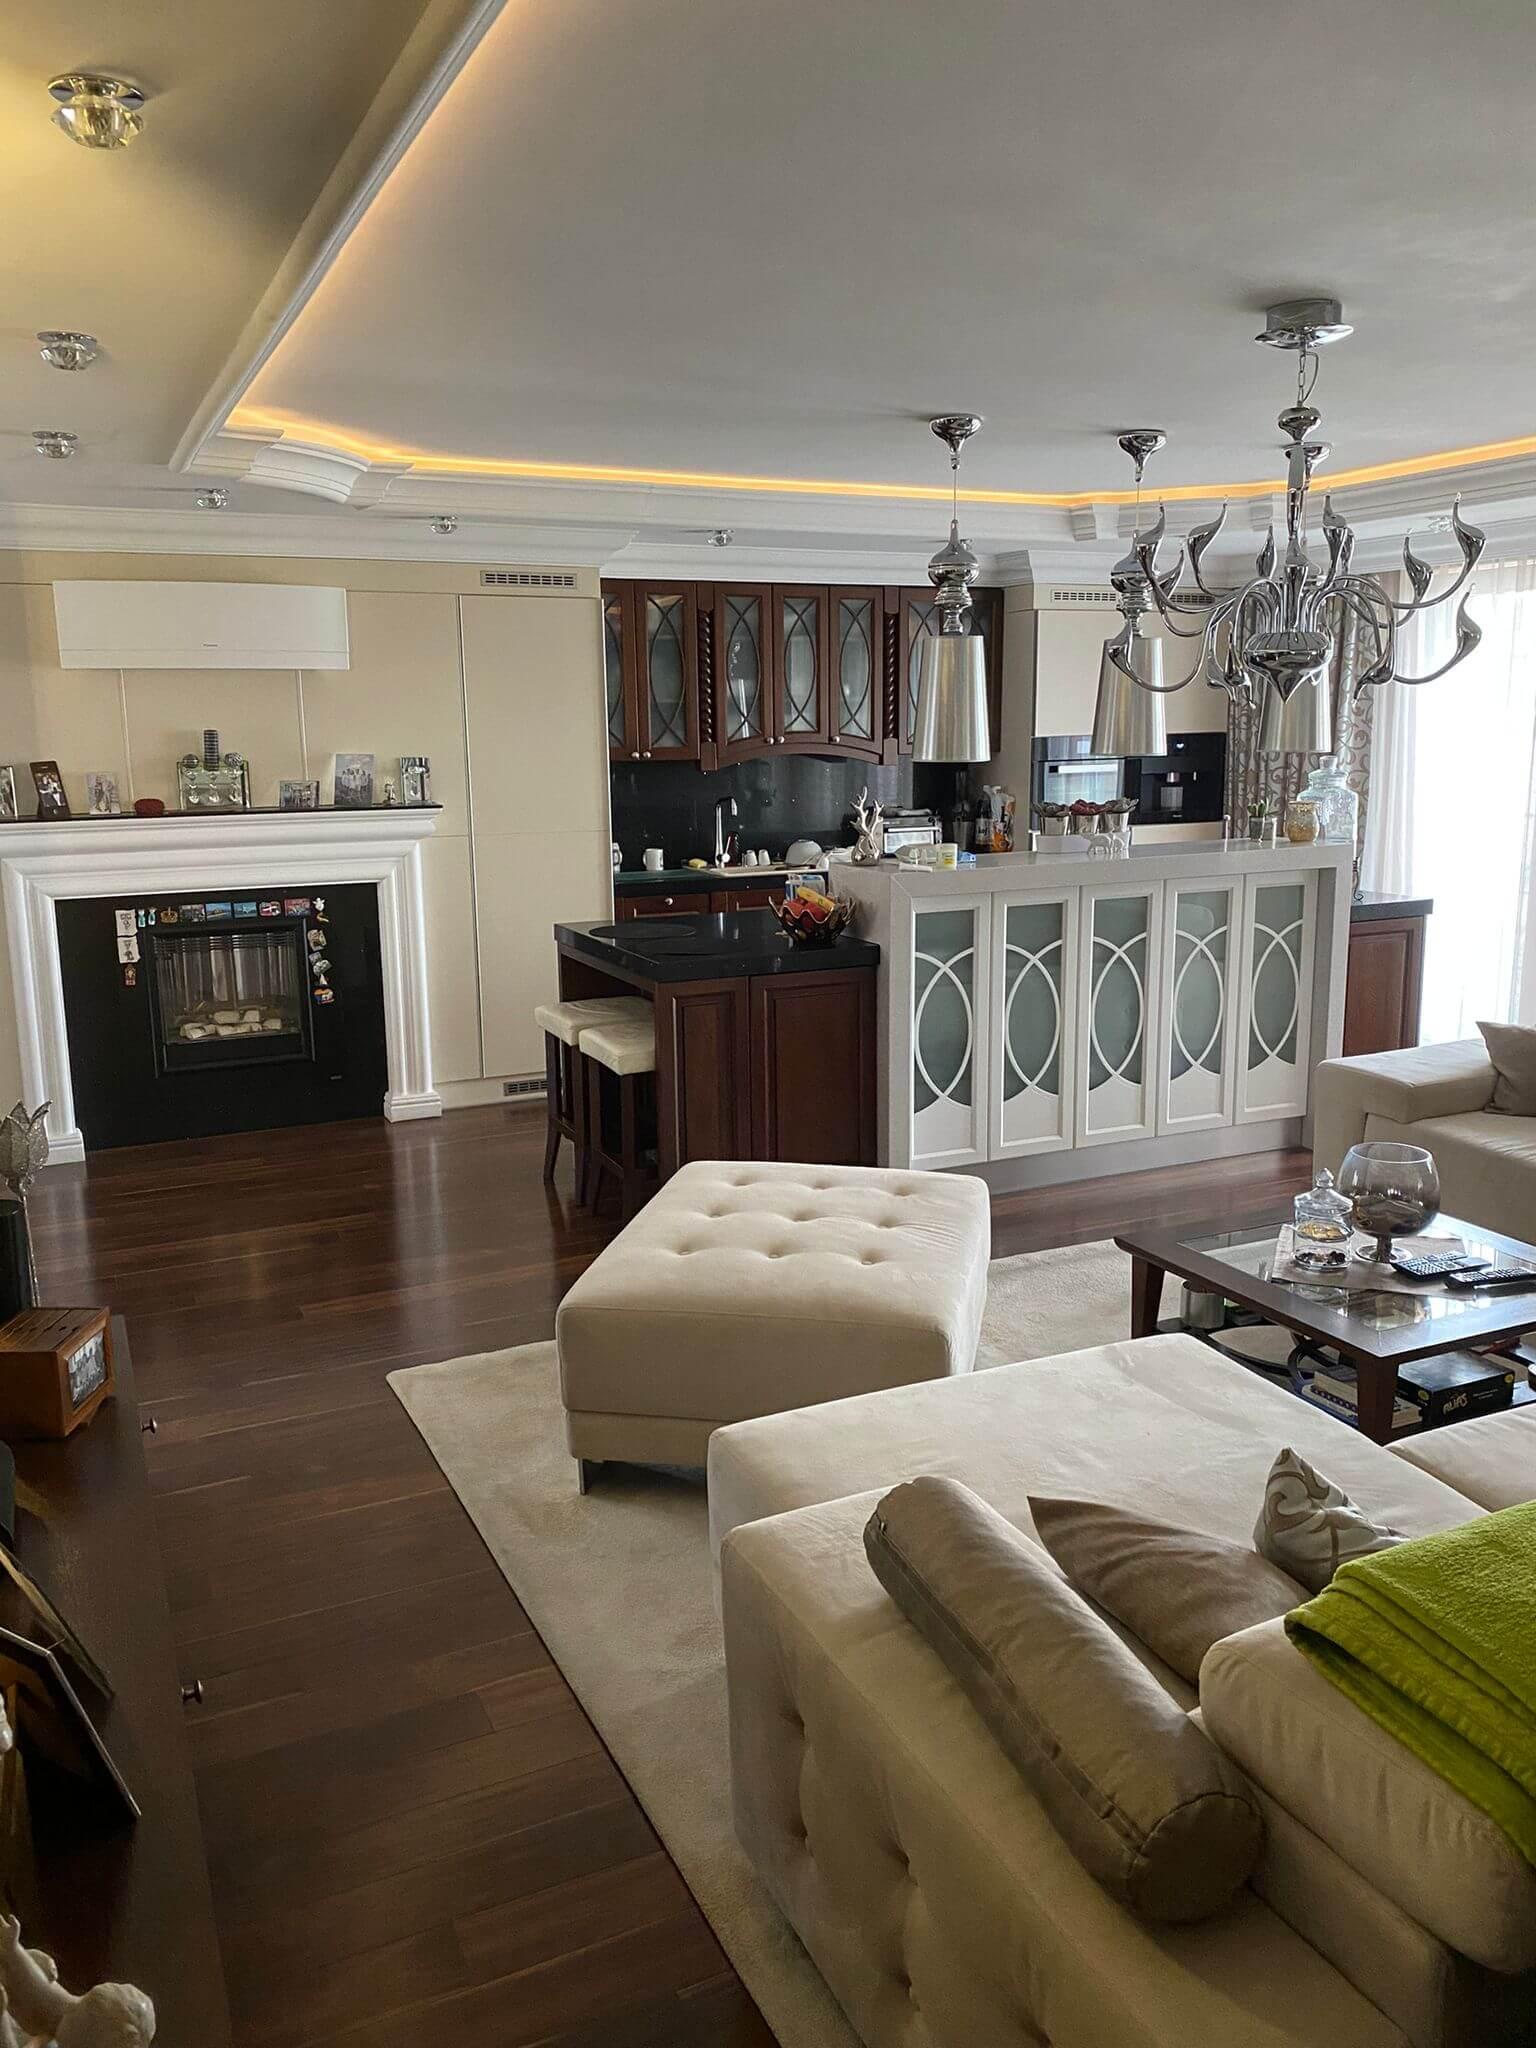 Rodinná Vila 6 izbová, úžitková 650m2, 3 podlažia, pozemok 1008m2, Lučenec – Opatová-0